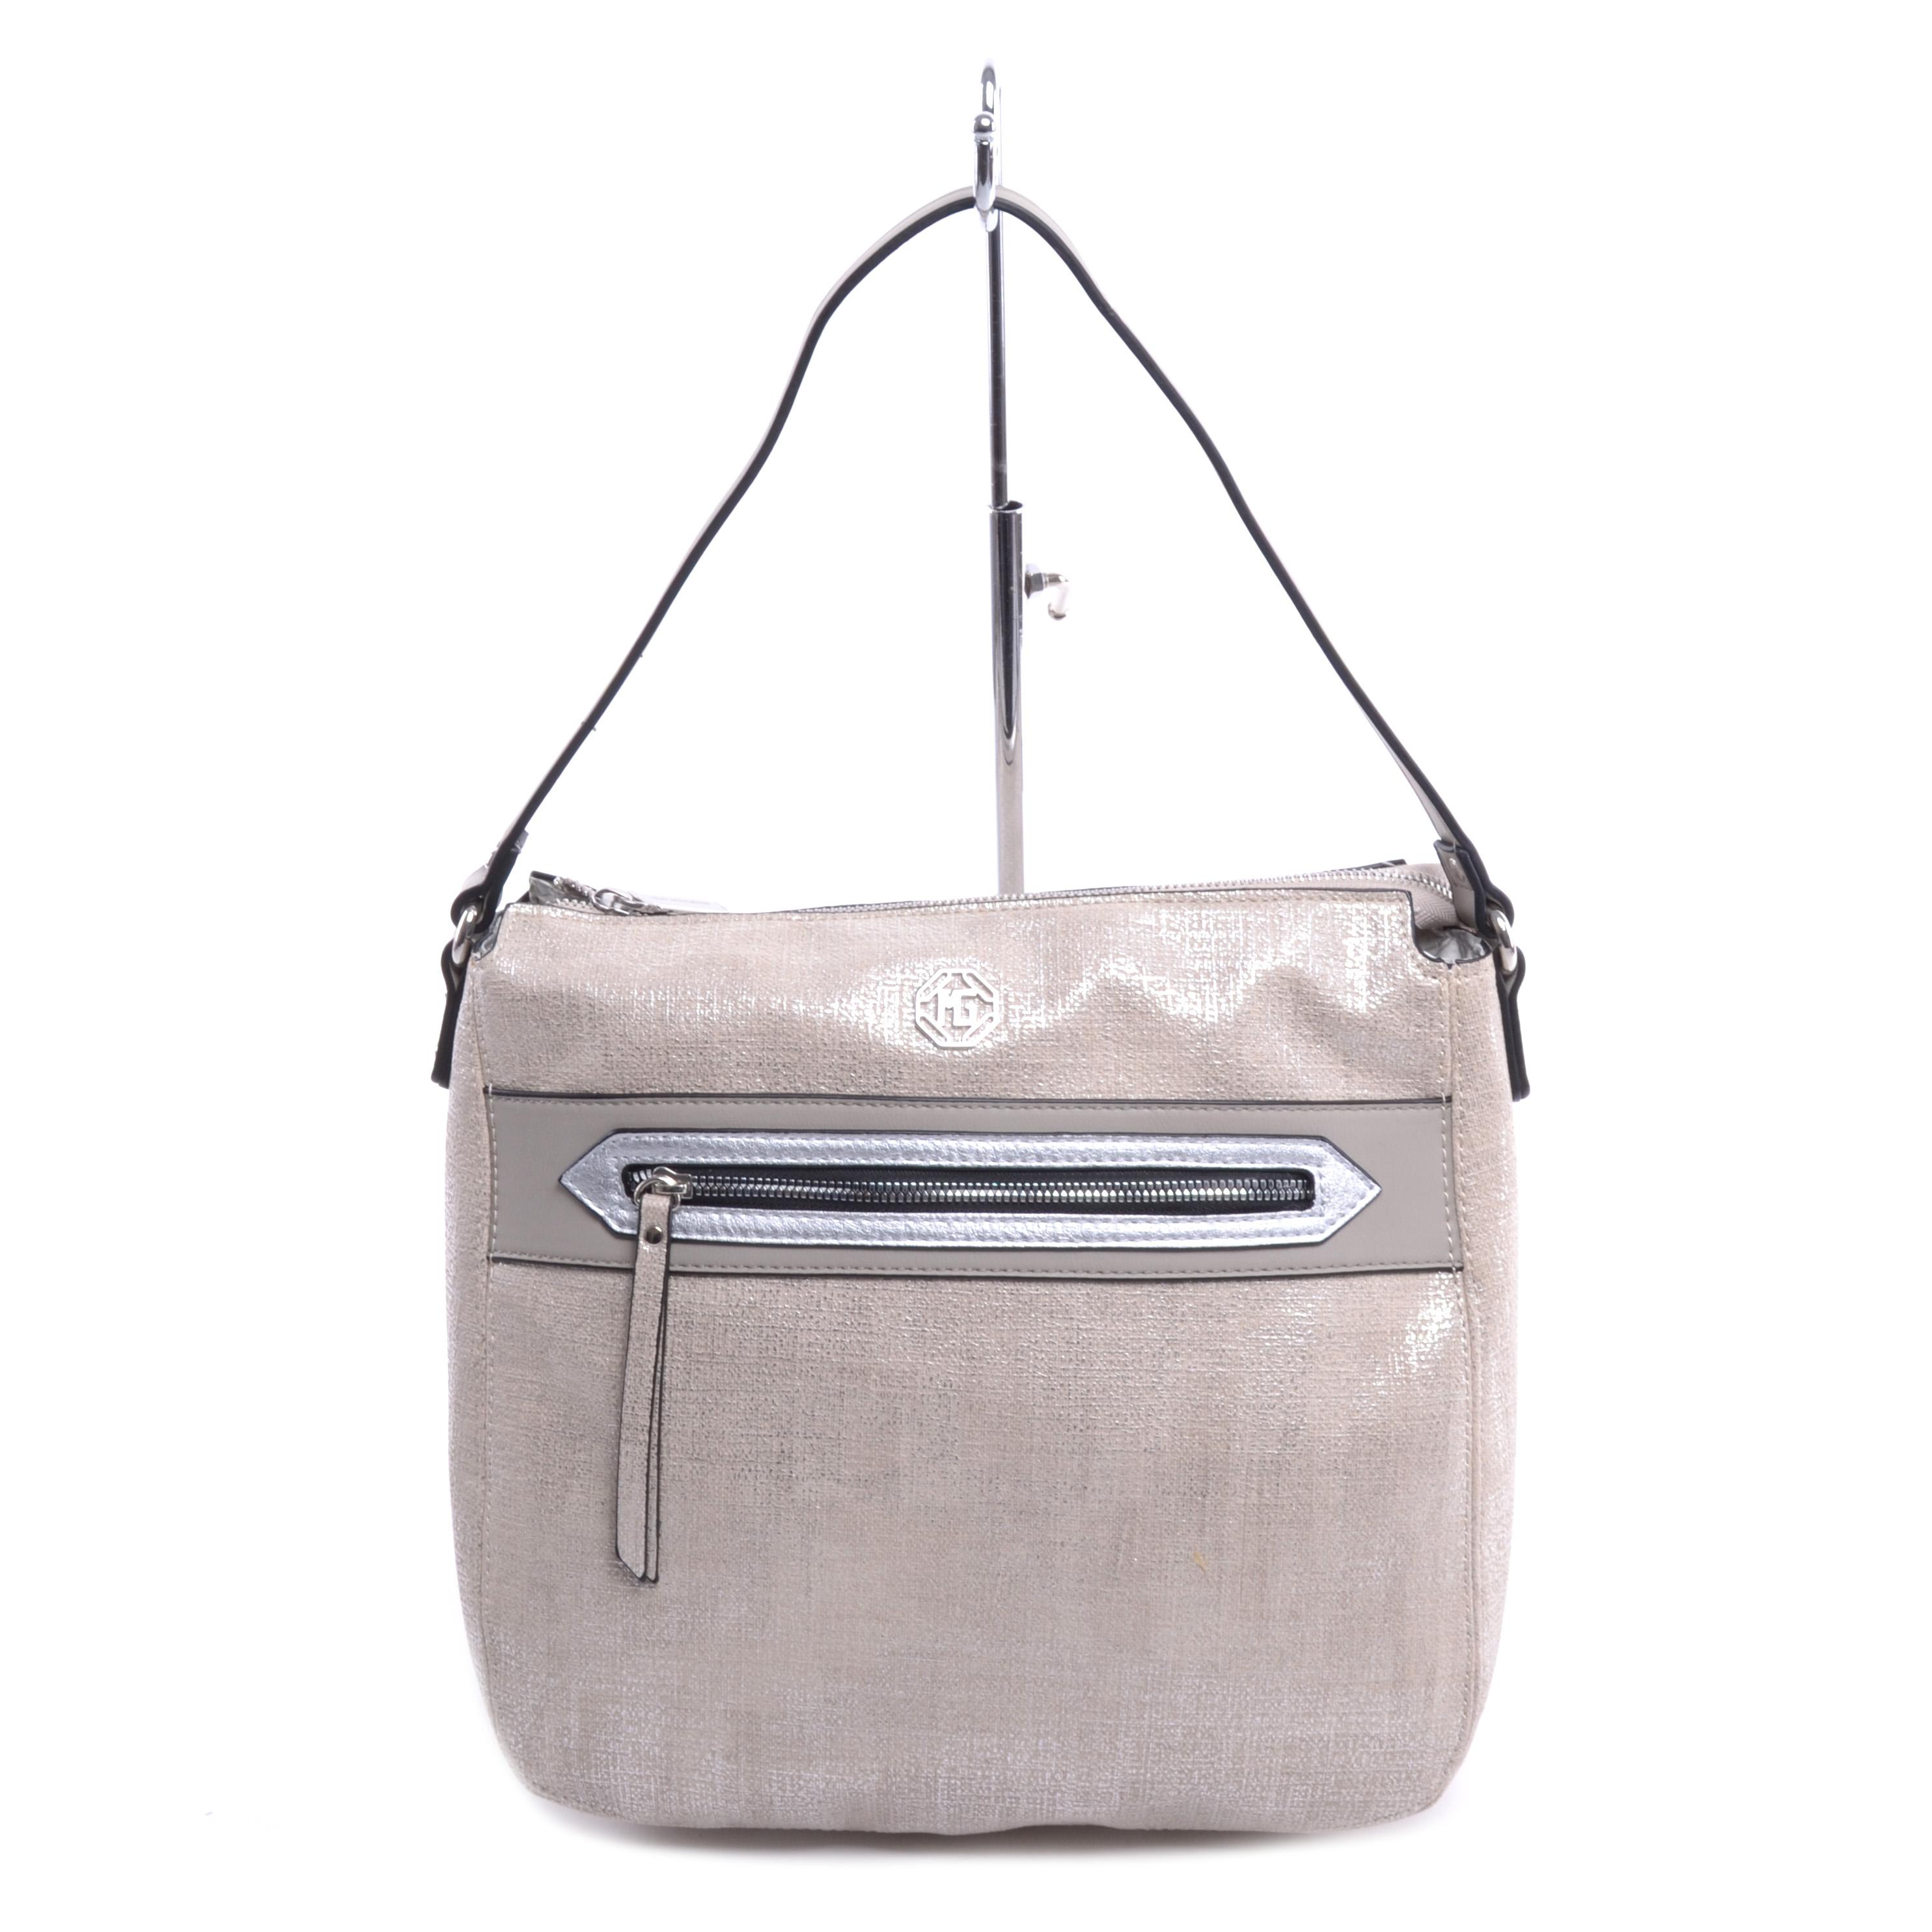 Marina Galanti Bézs Női Műbőr Válltáska - Válltáskák - Táska webáruház - Minőségi  táskák mindenkinek 5ce762208d